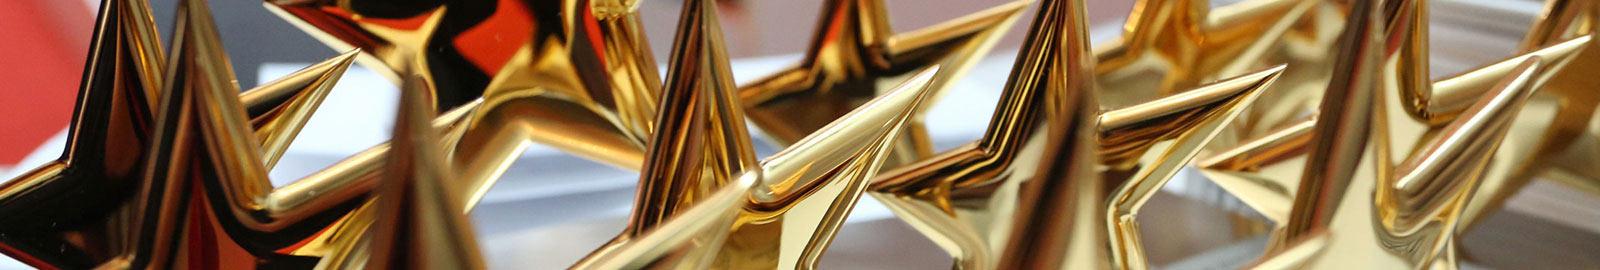 """Preisverleihung """"Sterne des Sports"""" in Gold 2016"""